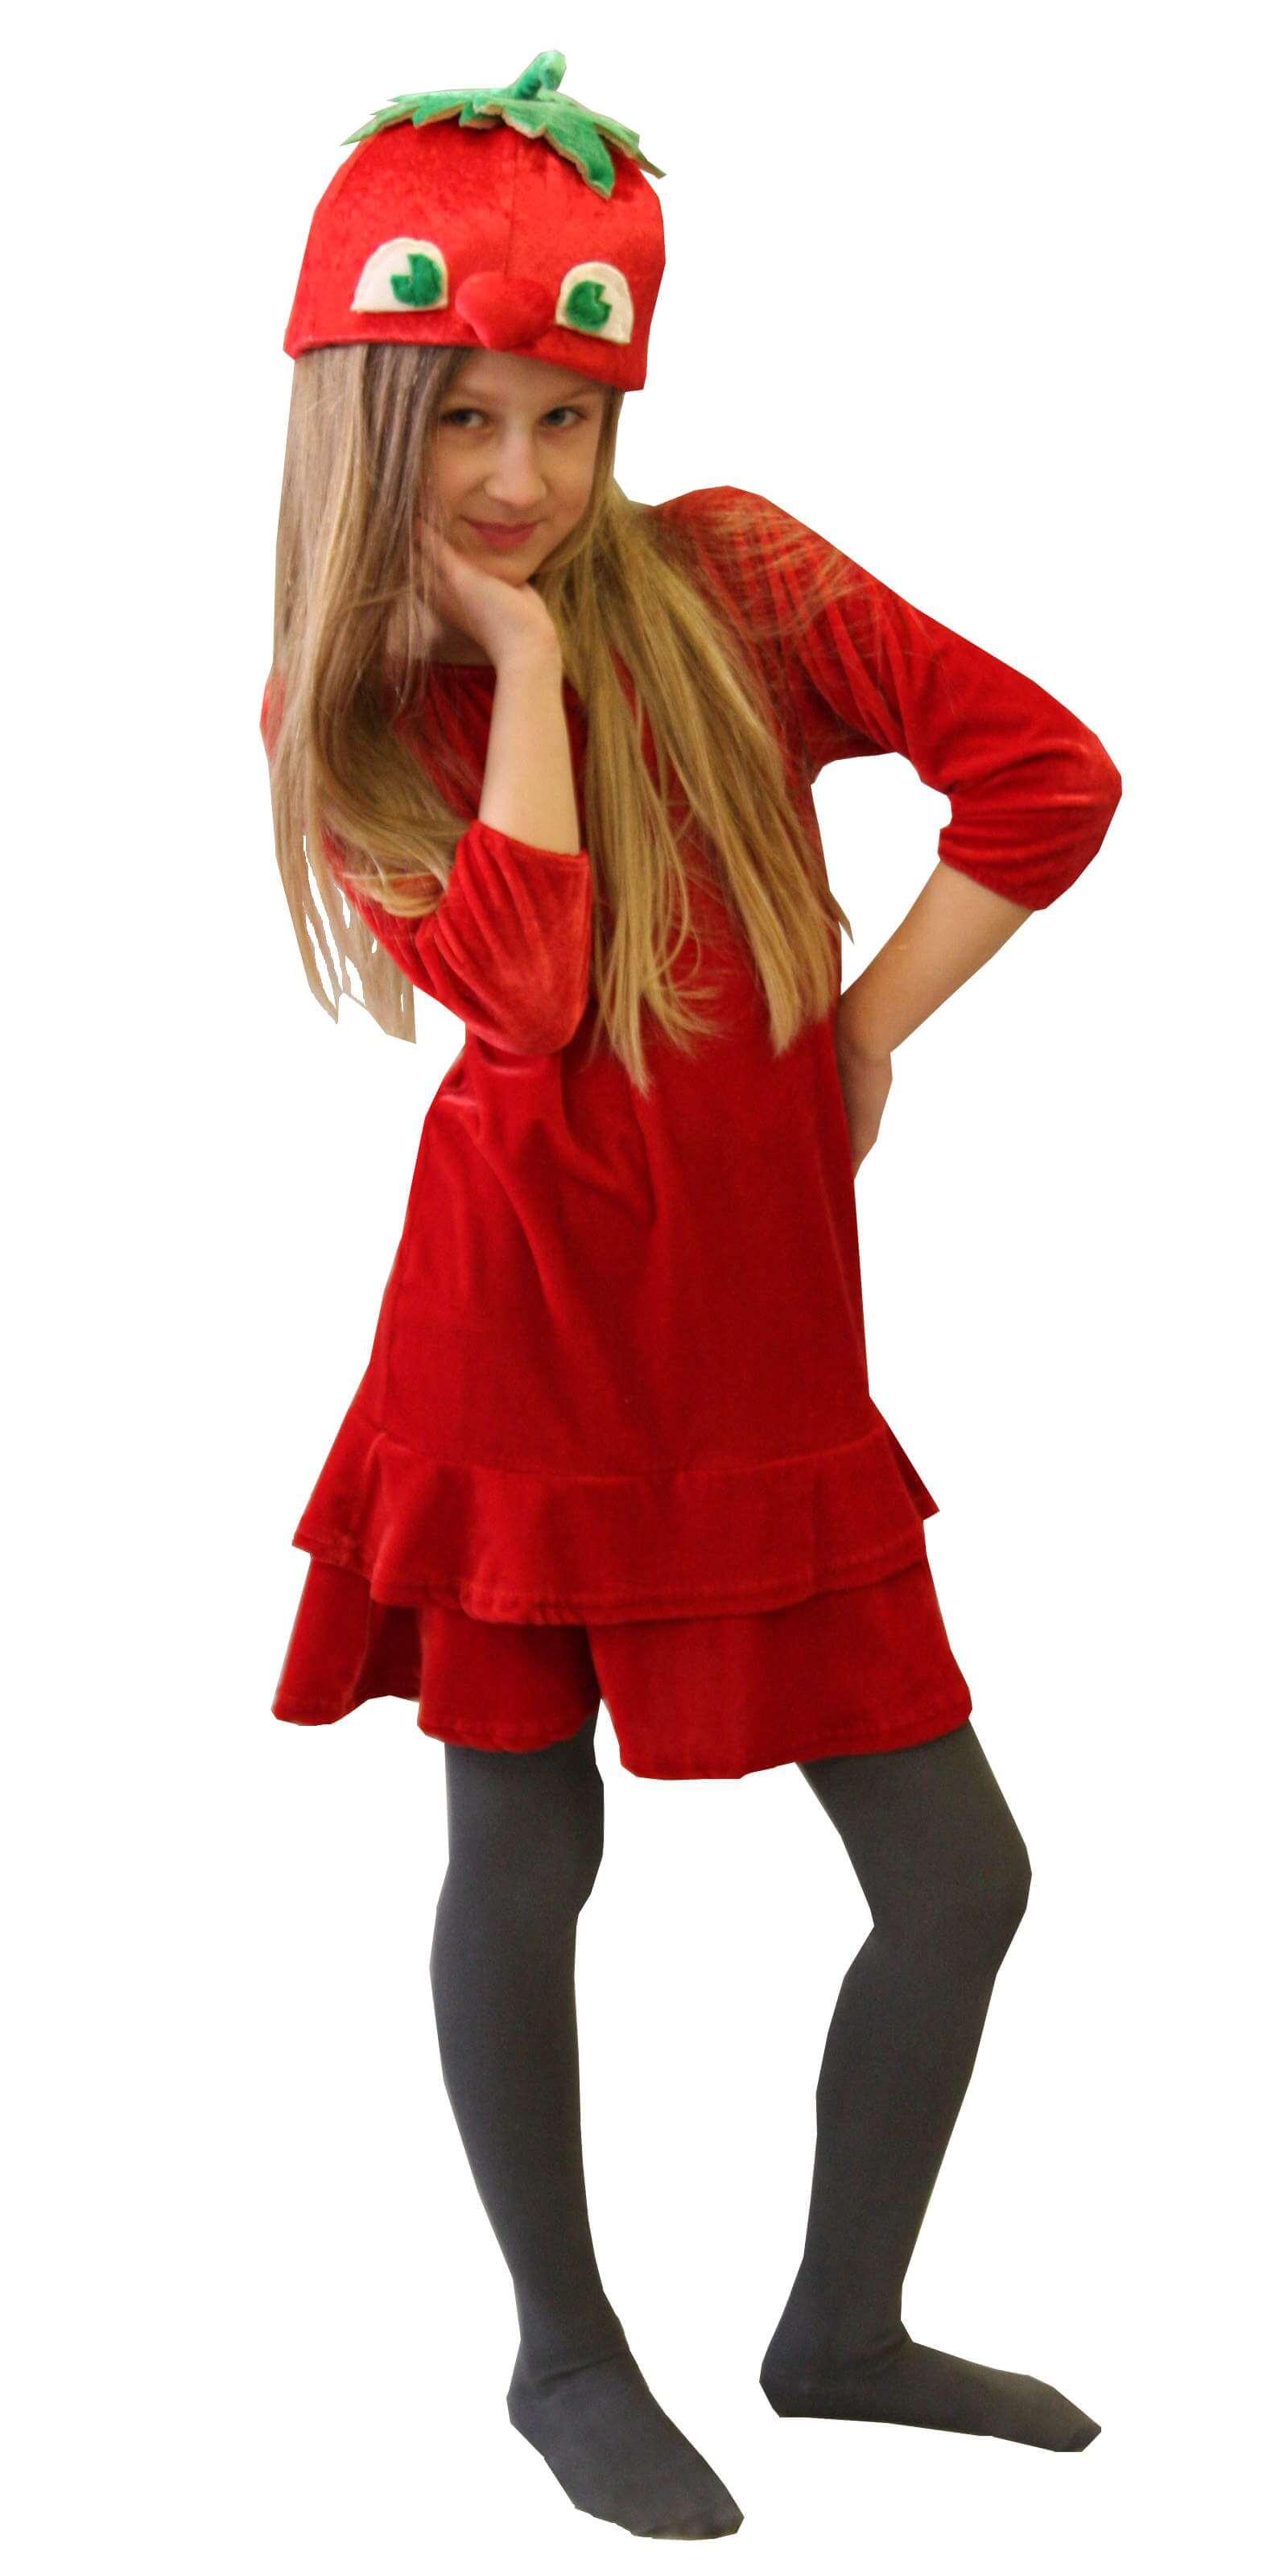 костюм Помидора. Pomidoro kostiumas. Karnavaliniu kostiumu nuoma vaikams Vilniuje - pasakunamai.lt